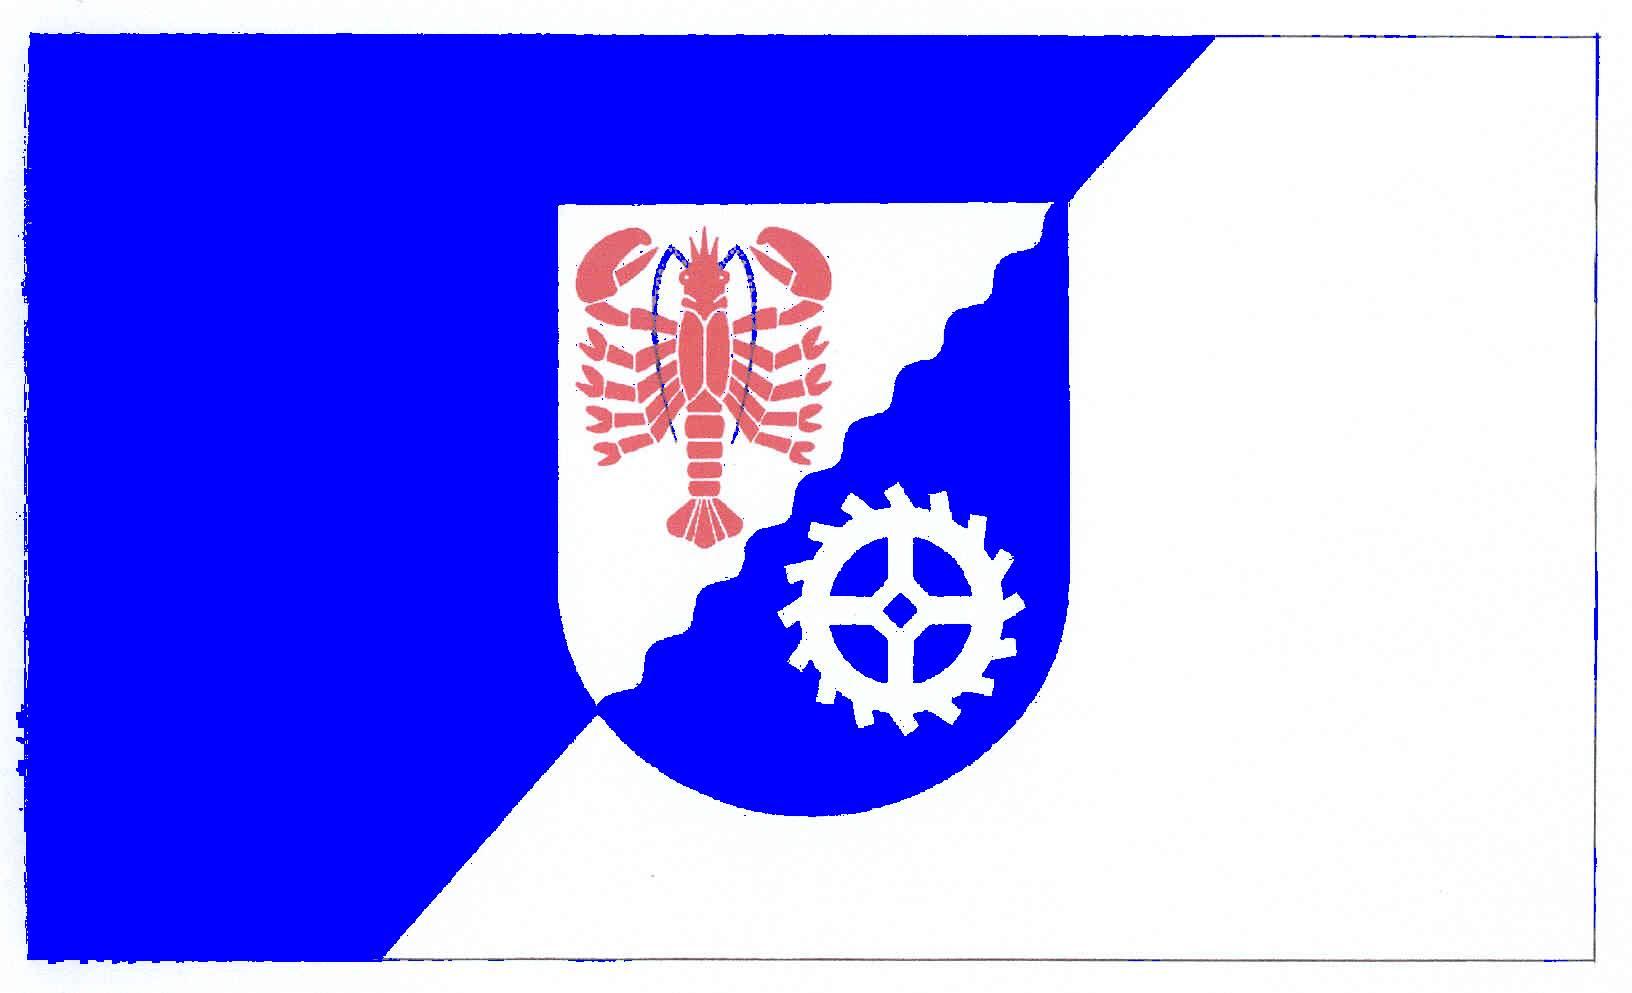 Flagge GemeindeHohenfelde, Kreis Plön